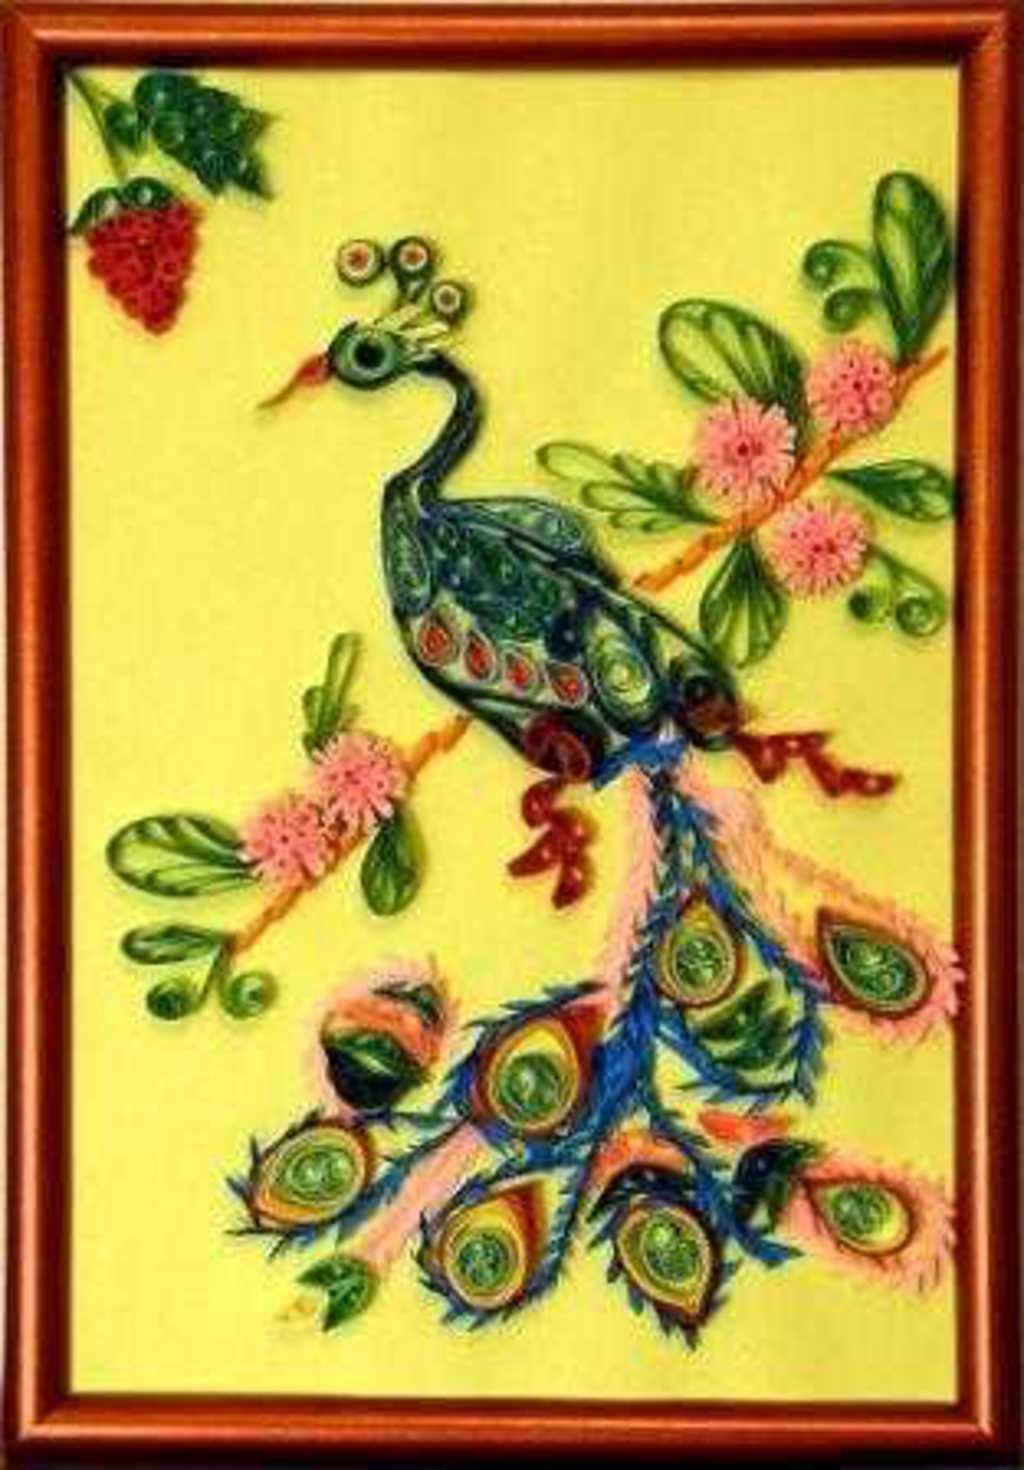 Поделки - птицы своими руками из разных материалов. Мастер 80